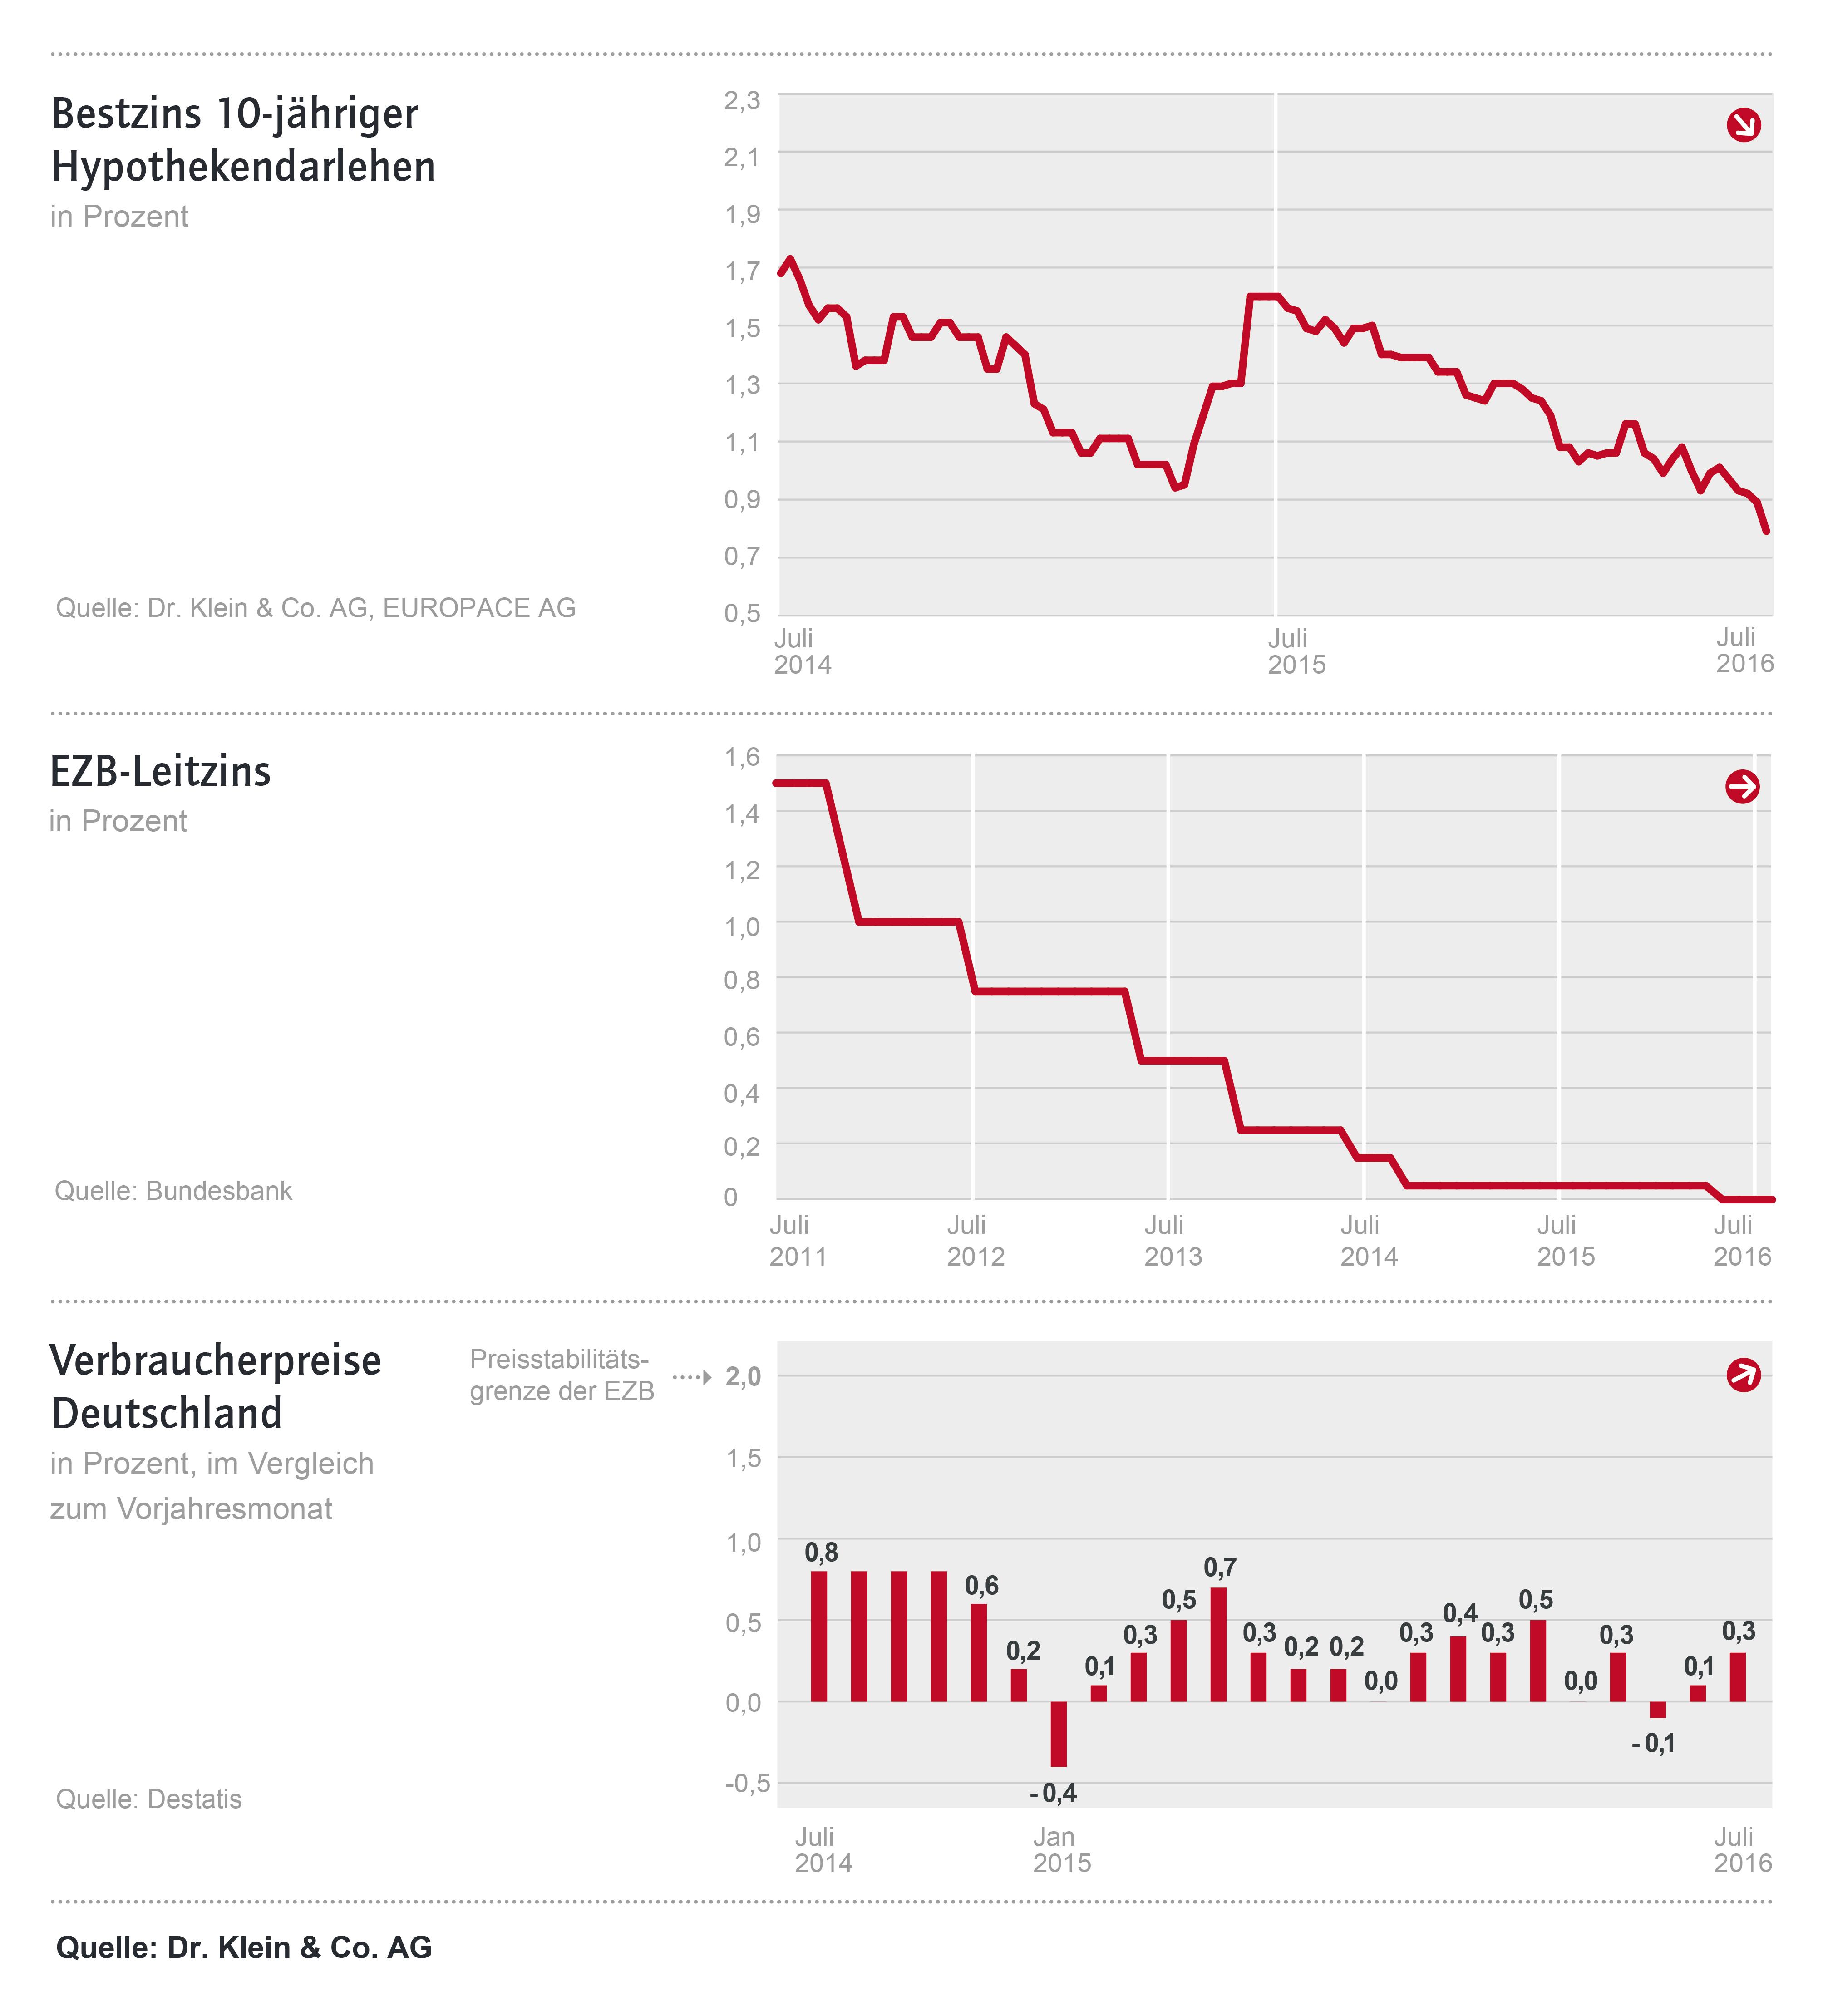 Ziko Juli 2016 Cs6 Drklein 600 in Baufinanzierungszinsen nach Brexit historisch niedrig